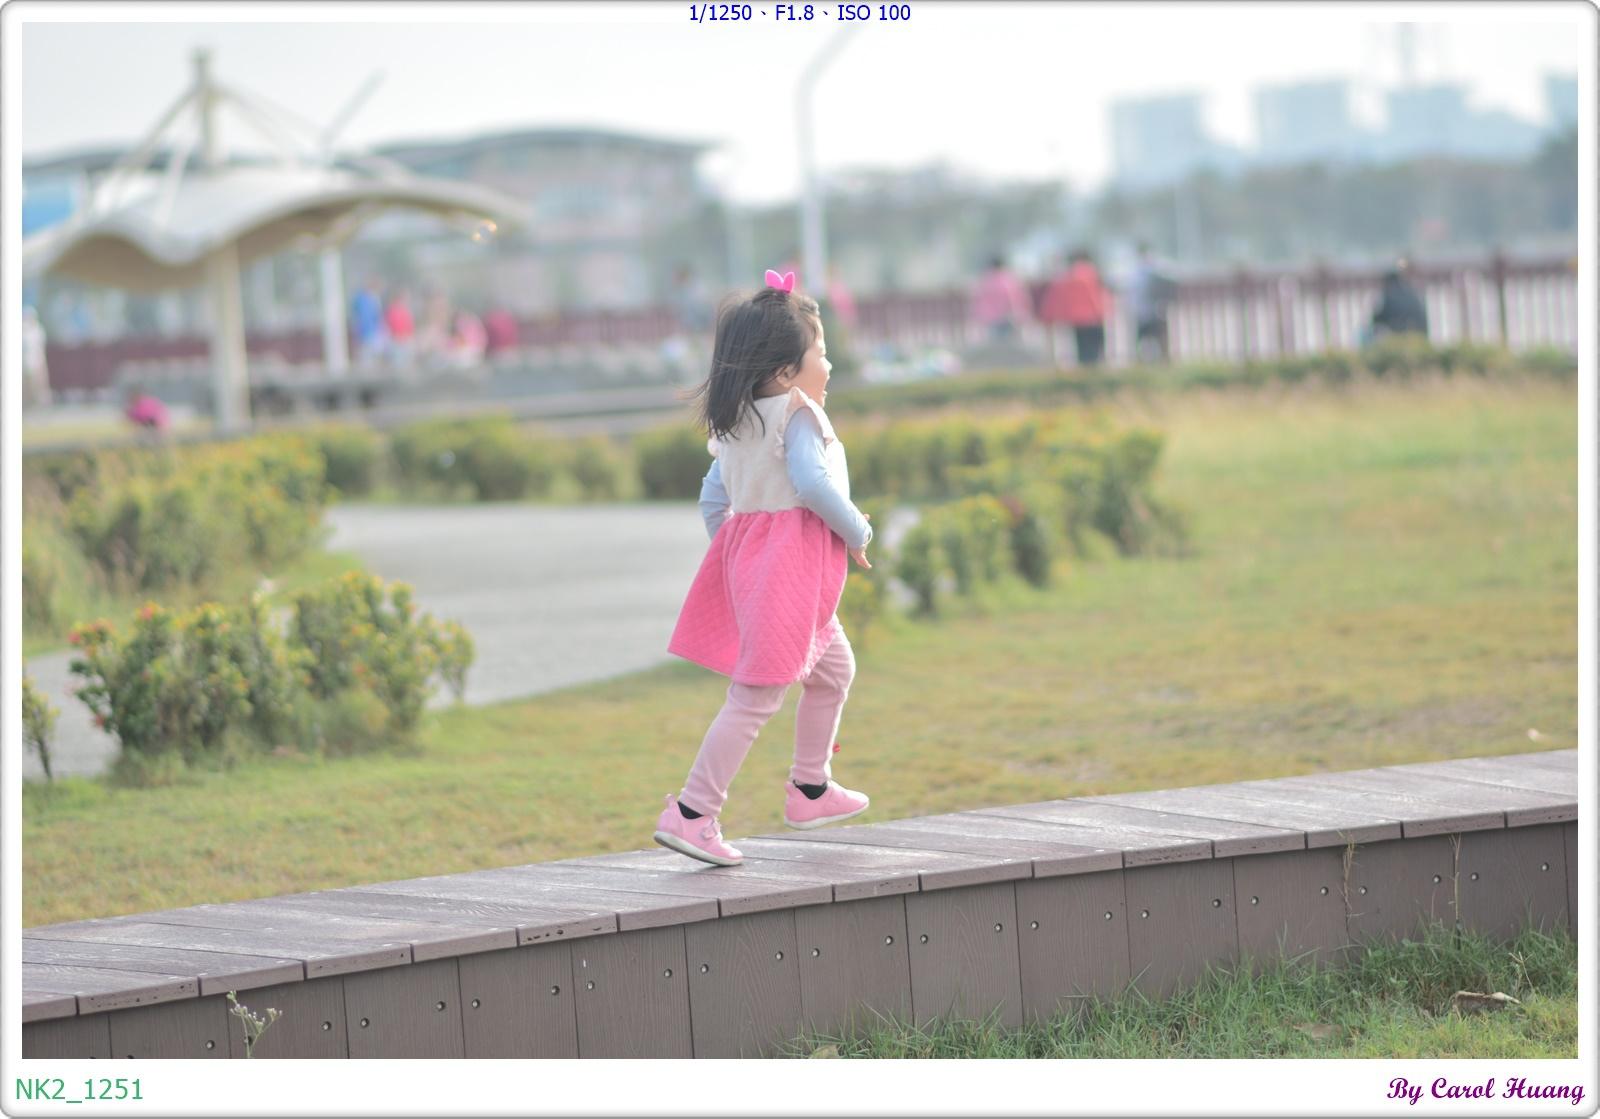 NK2_1251.JPG